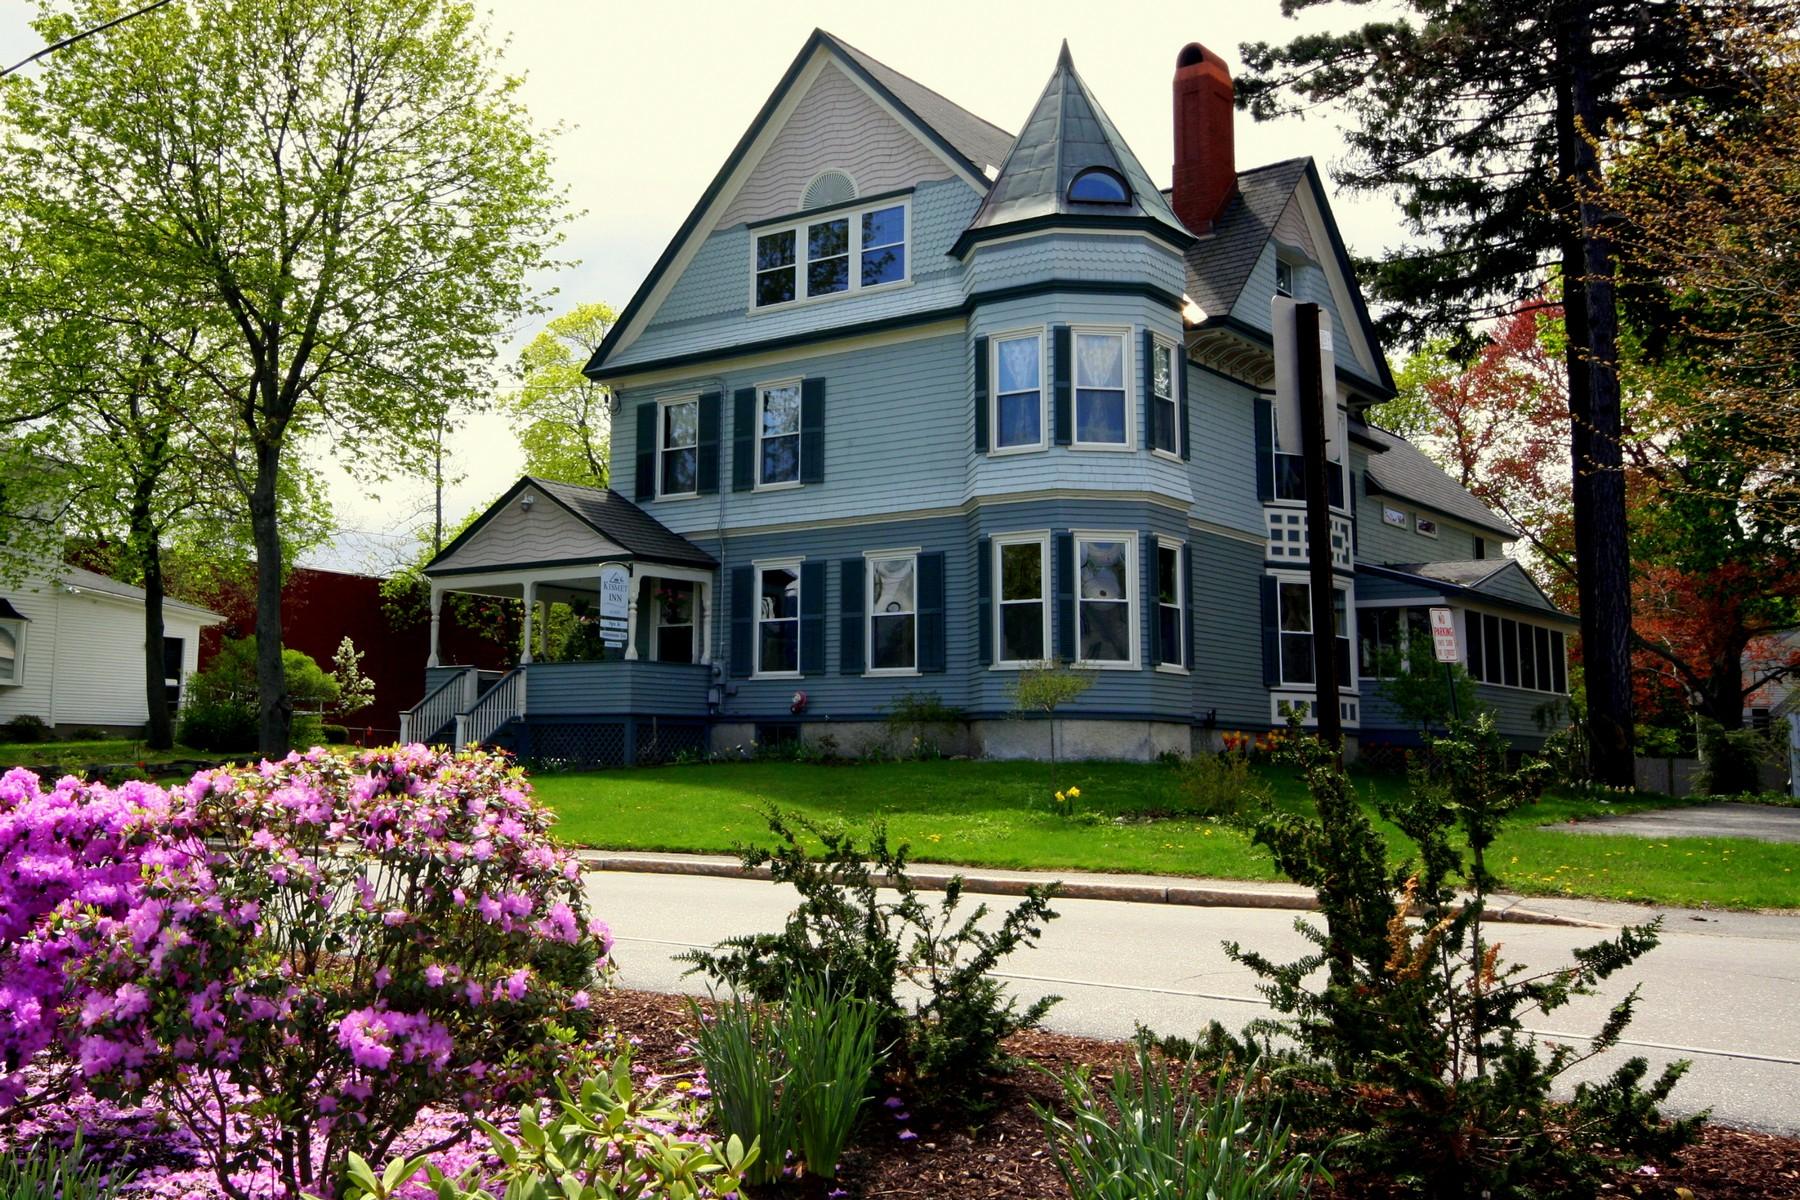 Maison unifamiliale pour l Vente à 44 Summer 44 Summer Street Bath, Maine 04530 États-Unis